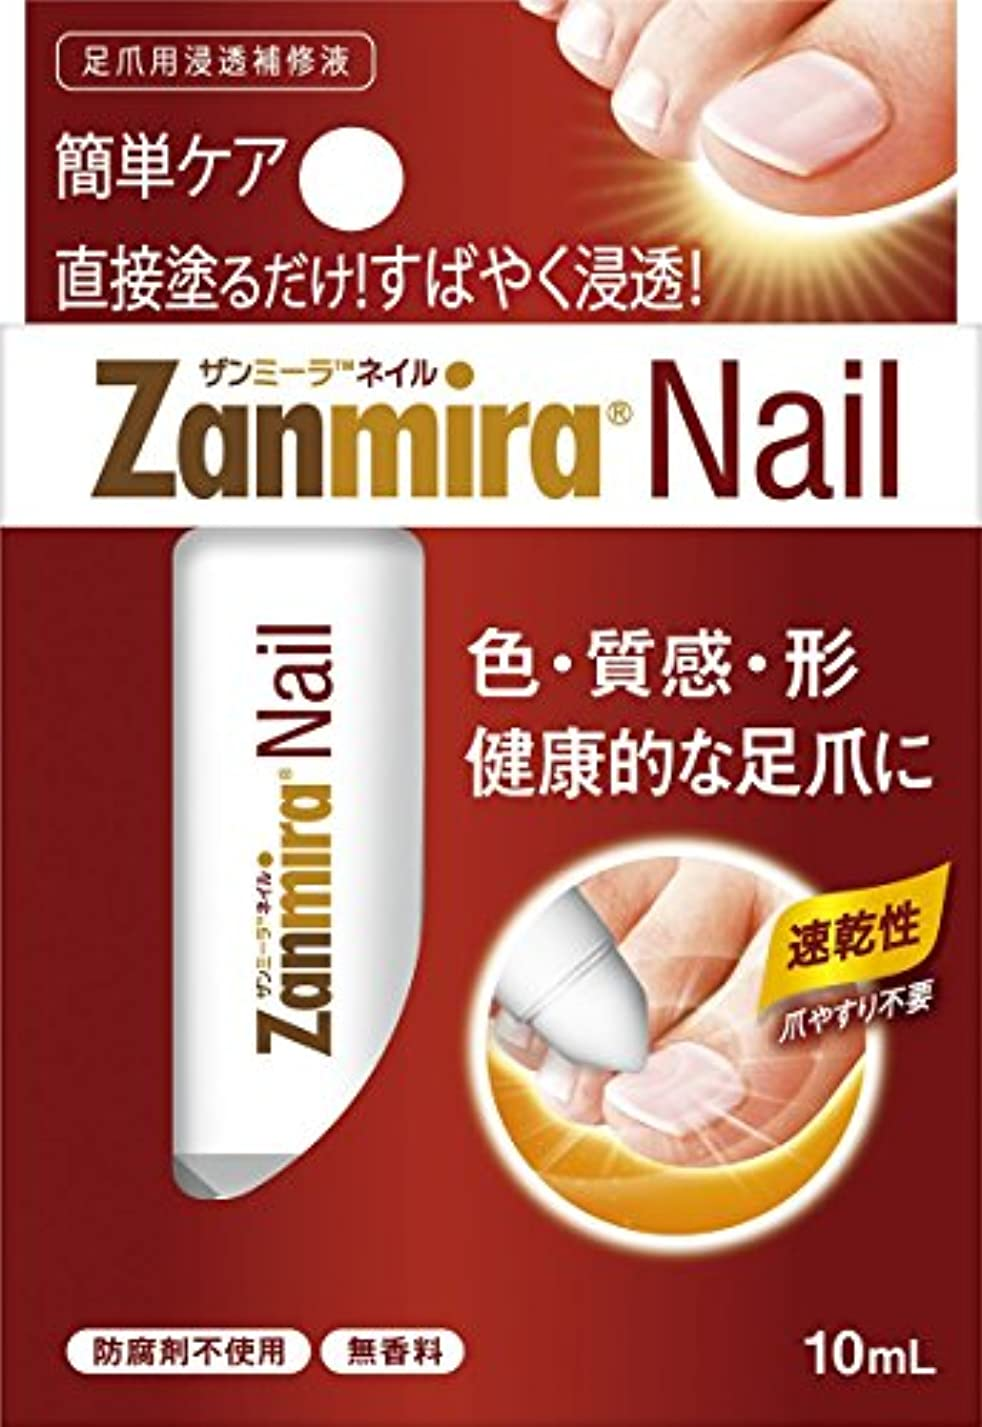 塊事業内容運賃ザンミーラ ネイル Zanmira Nail 10ml 足爪用浸透補修液